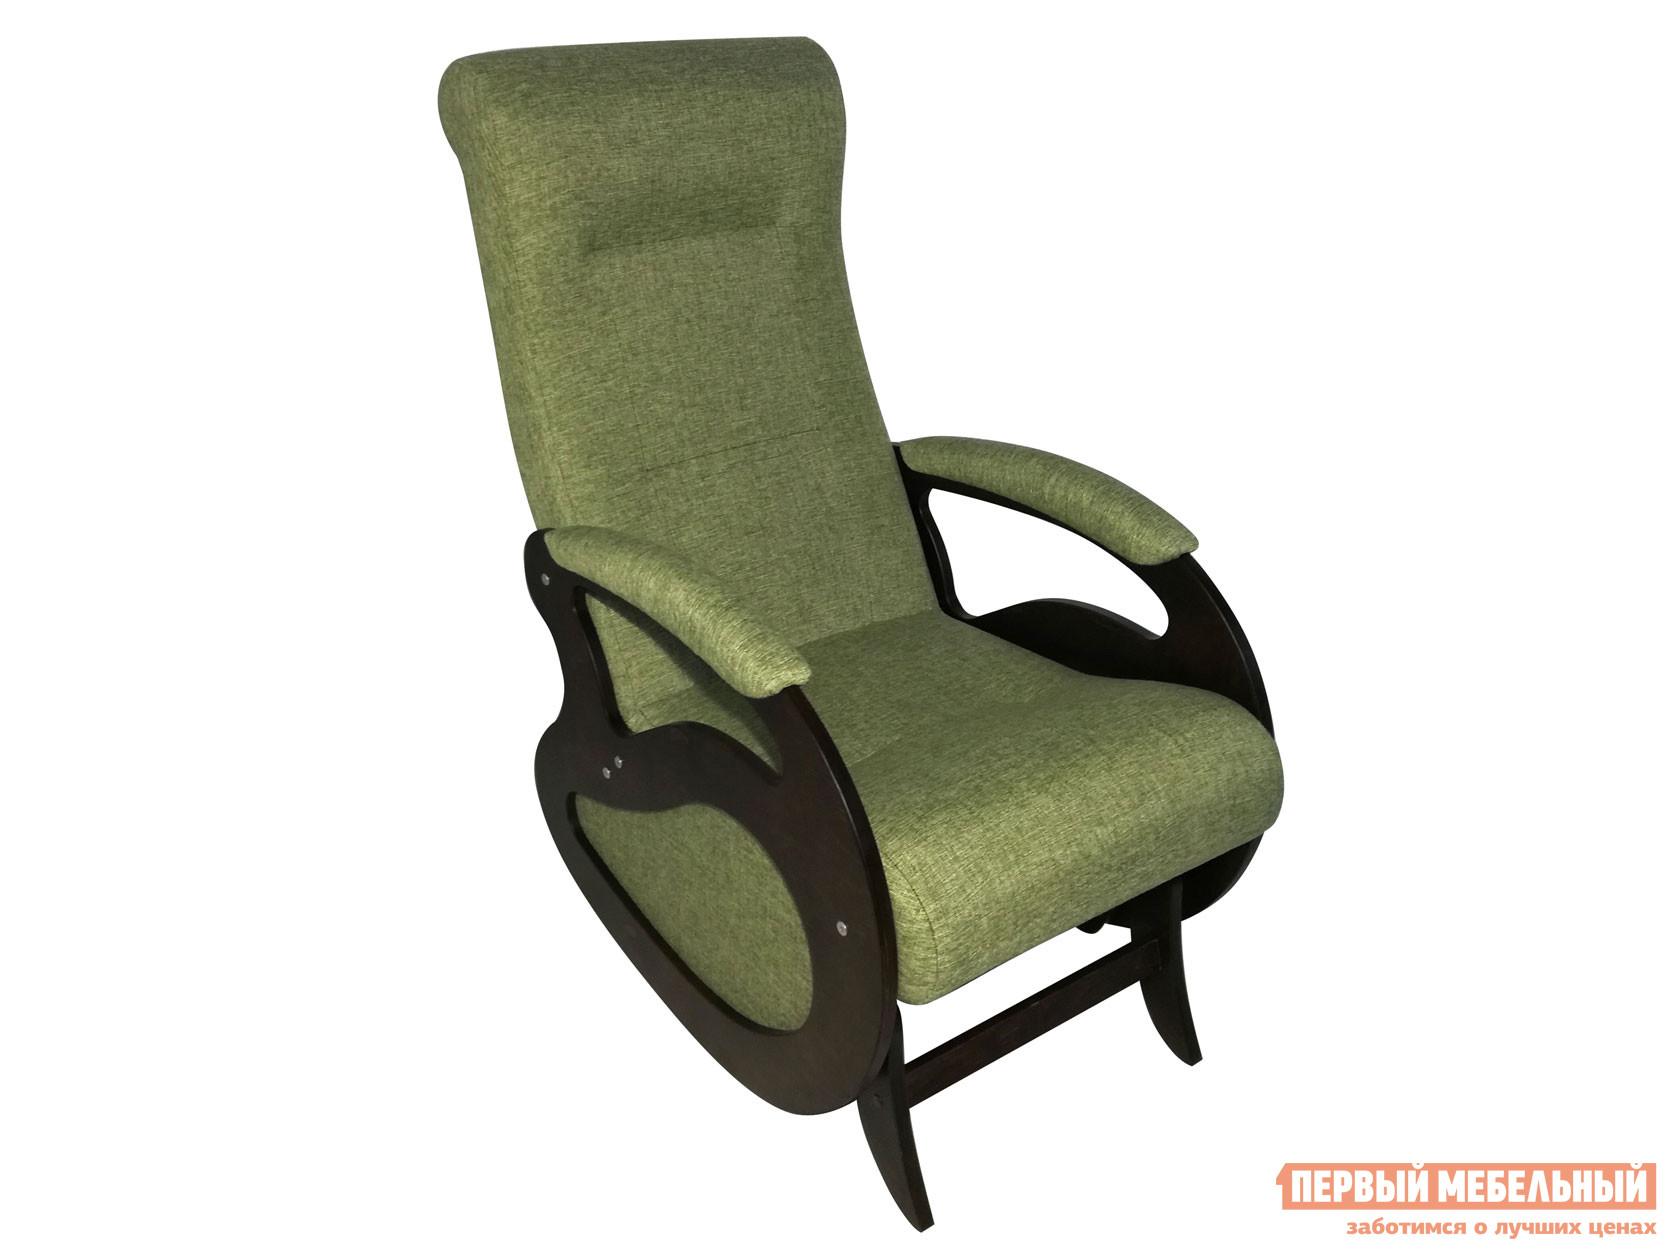 Кресло-качалка  Кресло качалка Маятник Темный орех / Оливковый, рогожка Мебвилл 127317